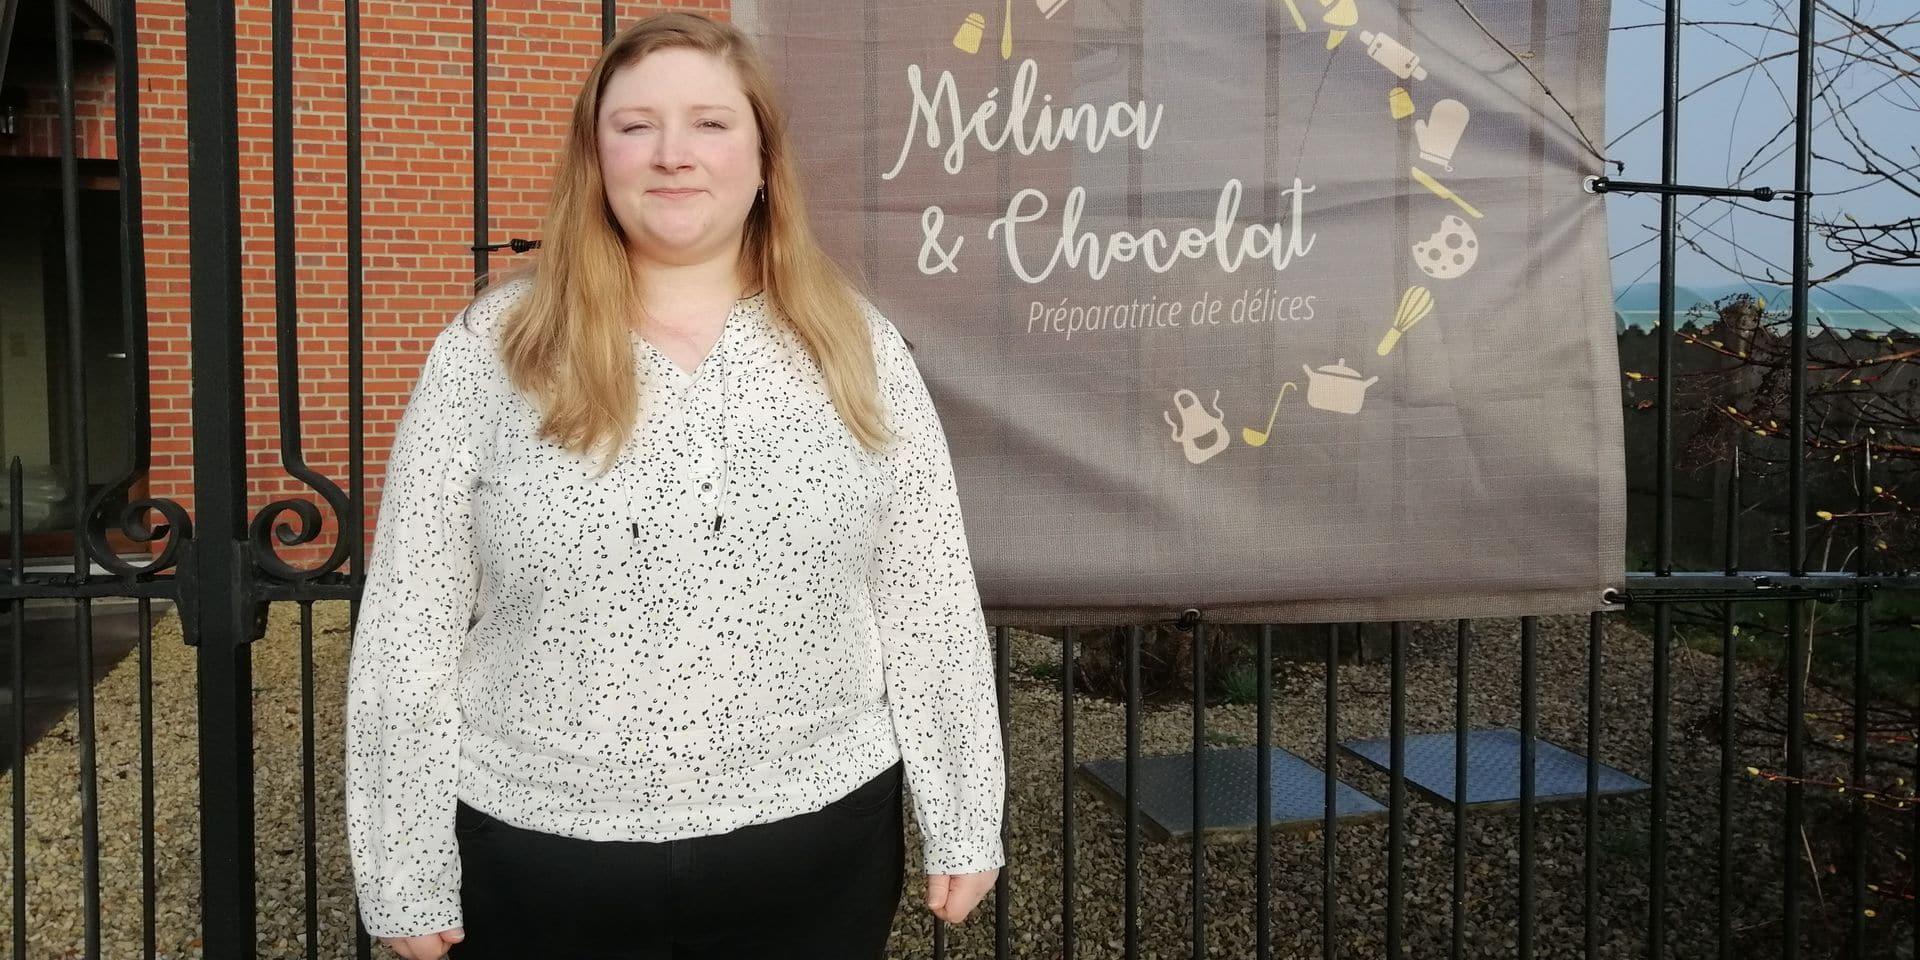 Mélina Clément, une vraie passionnée de pâtisserie.